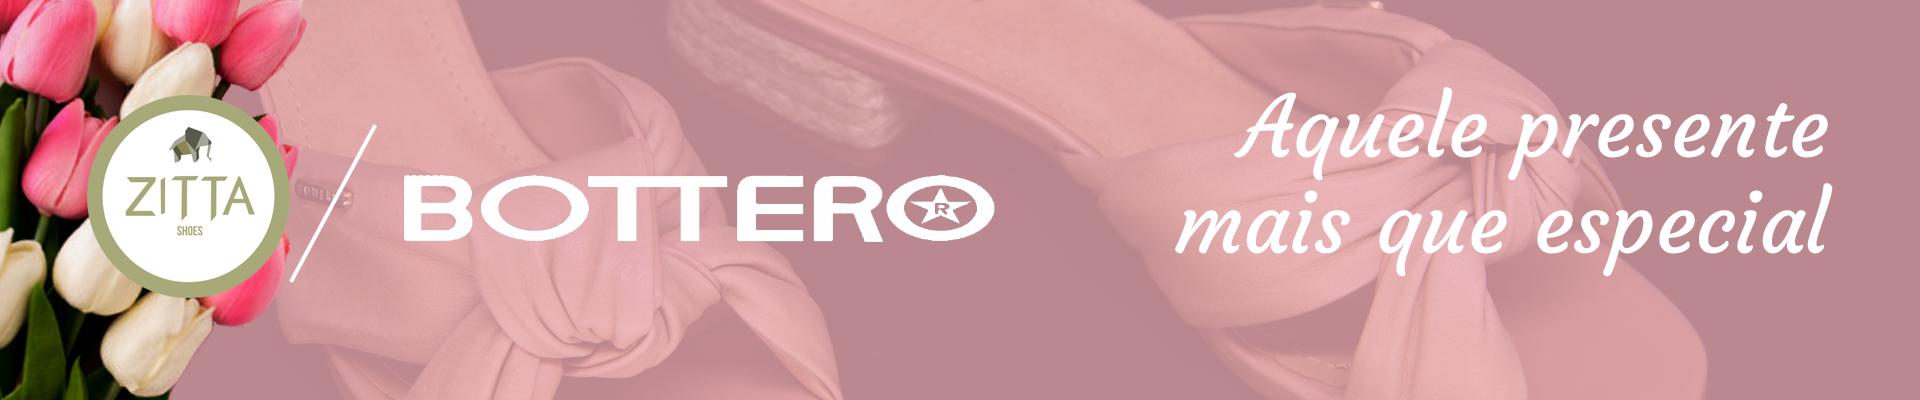 Confira nossos produtos da marca Bottero